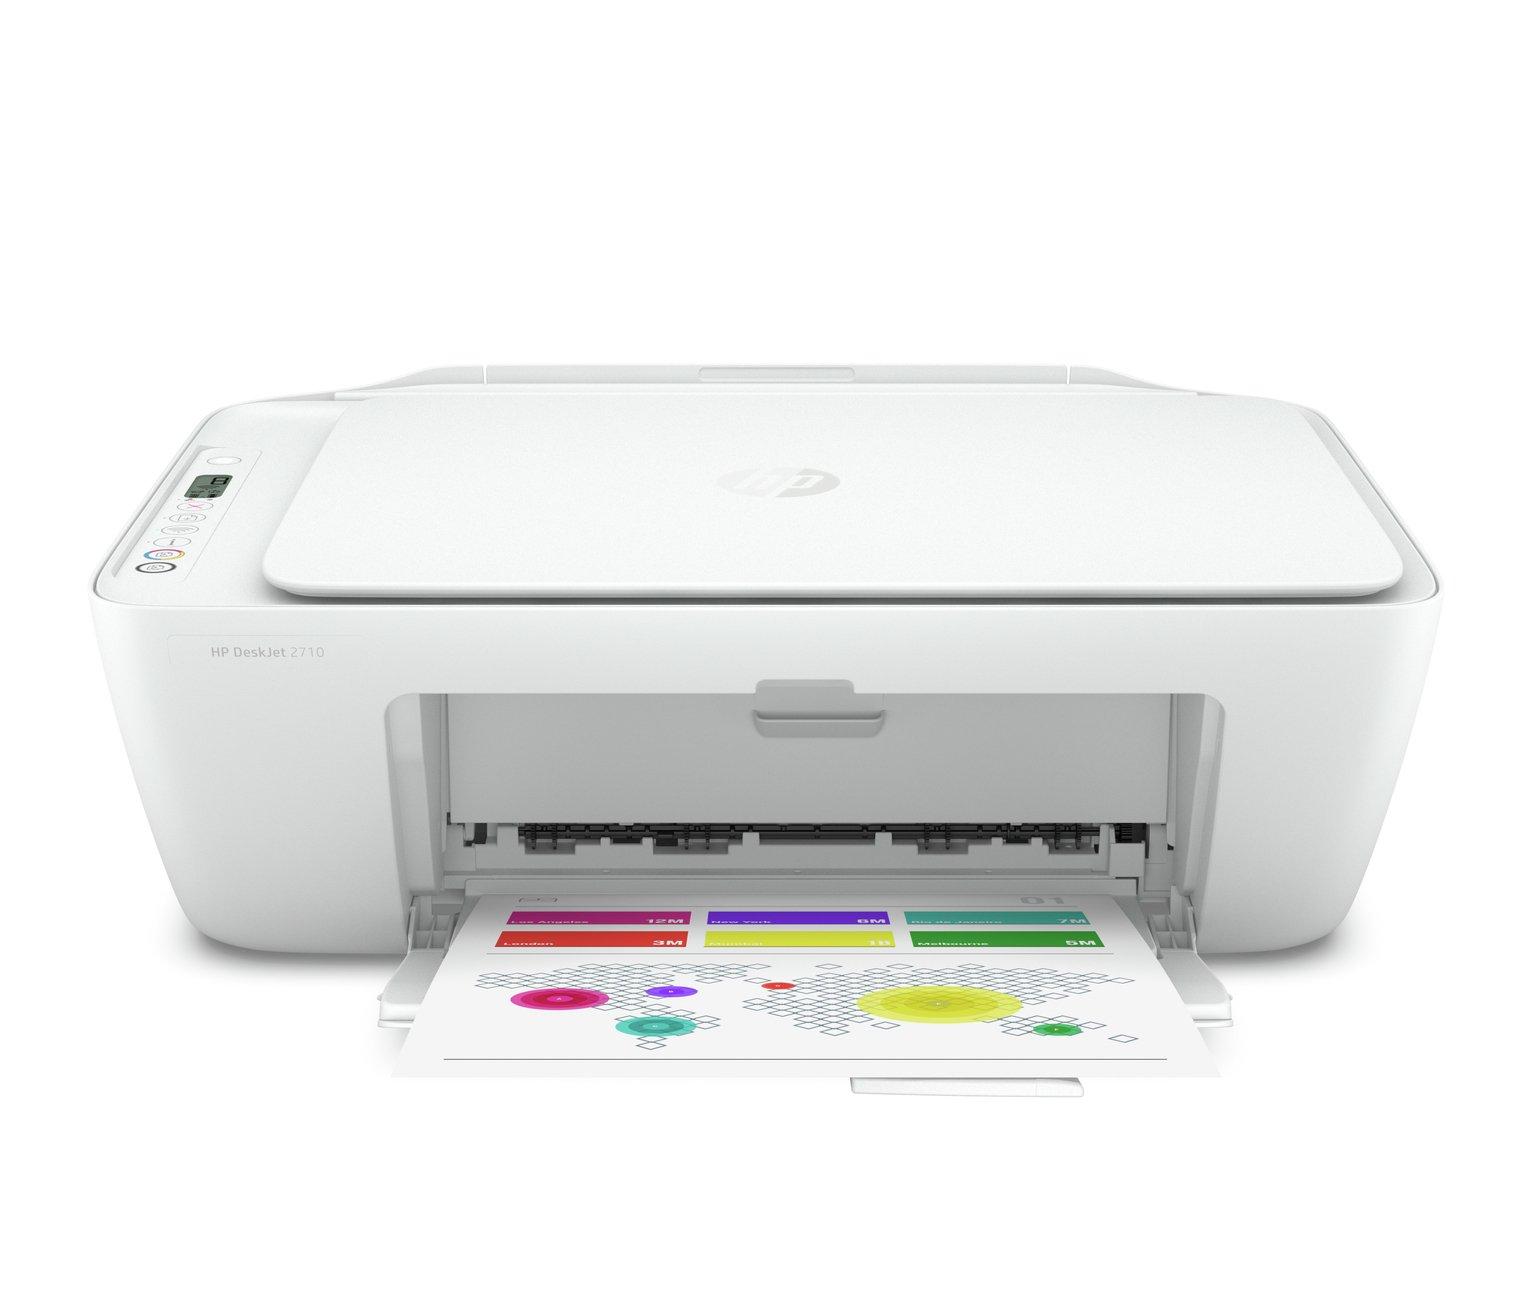 HP Deskjet 2710 Wireless Printer & 2 Months Instant Ink